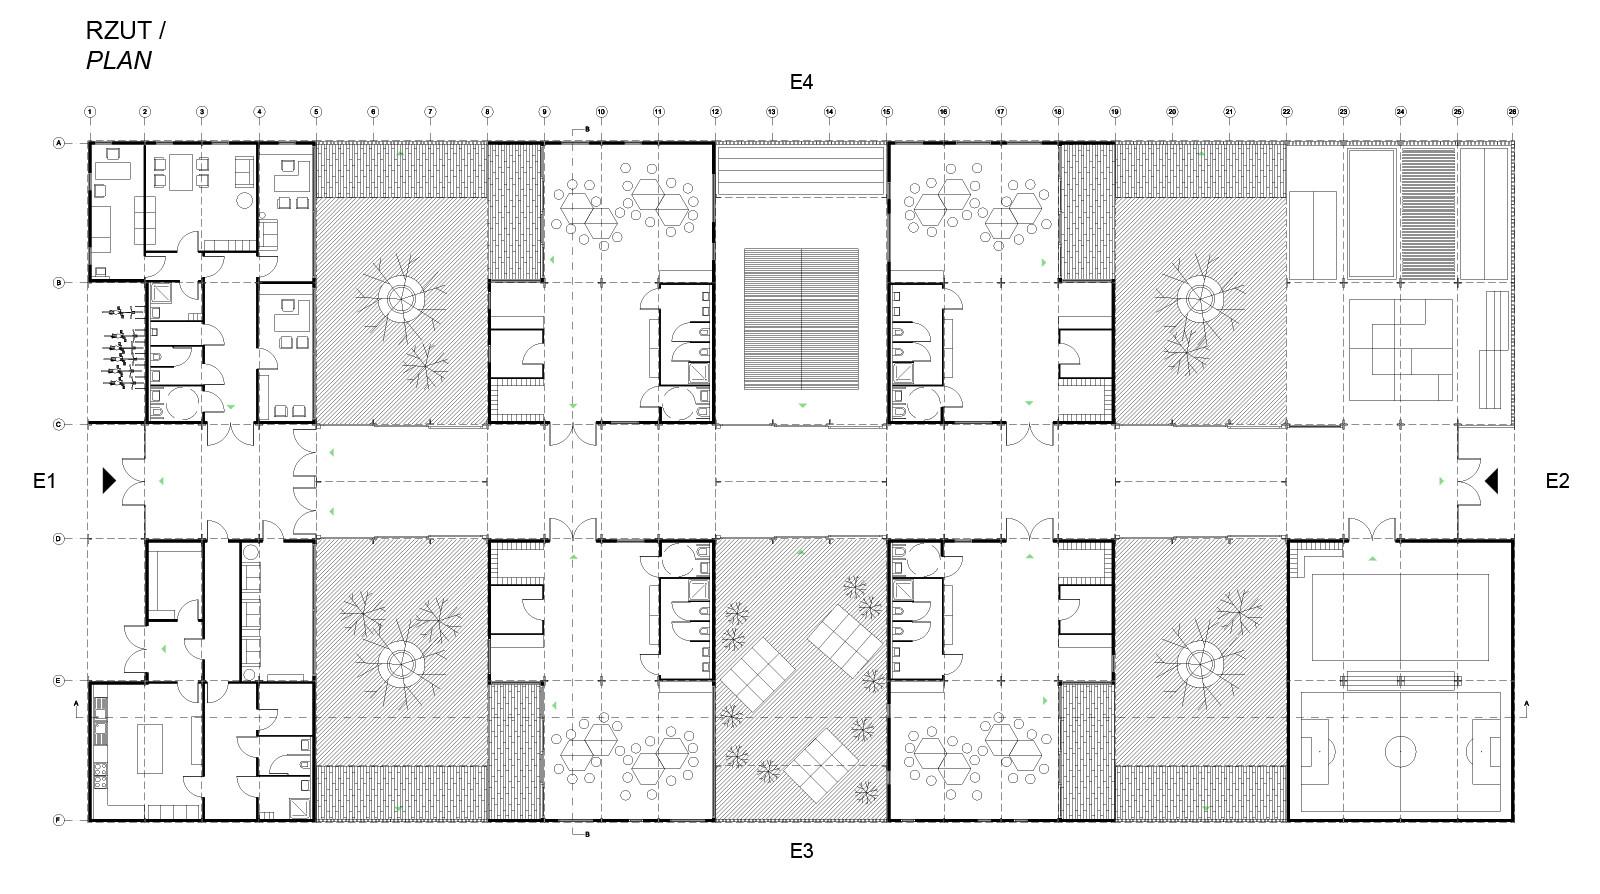 Elevation Floor Plan Gallery Of Kids City Modular Kindergarten Proposal